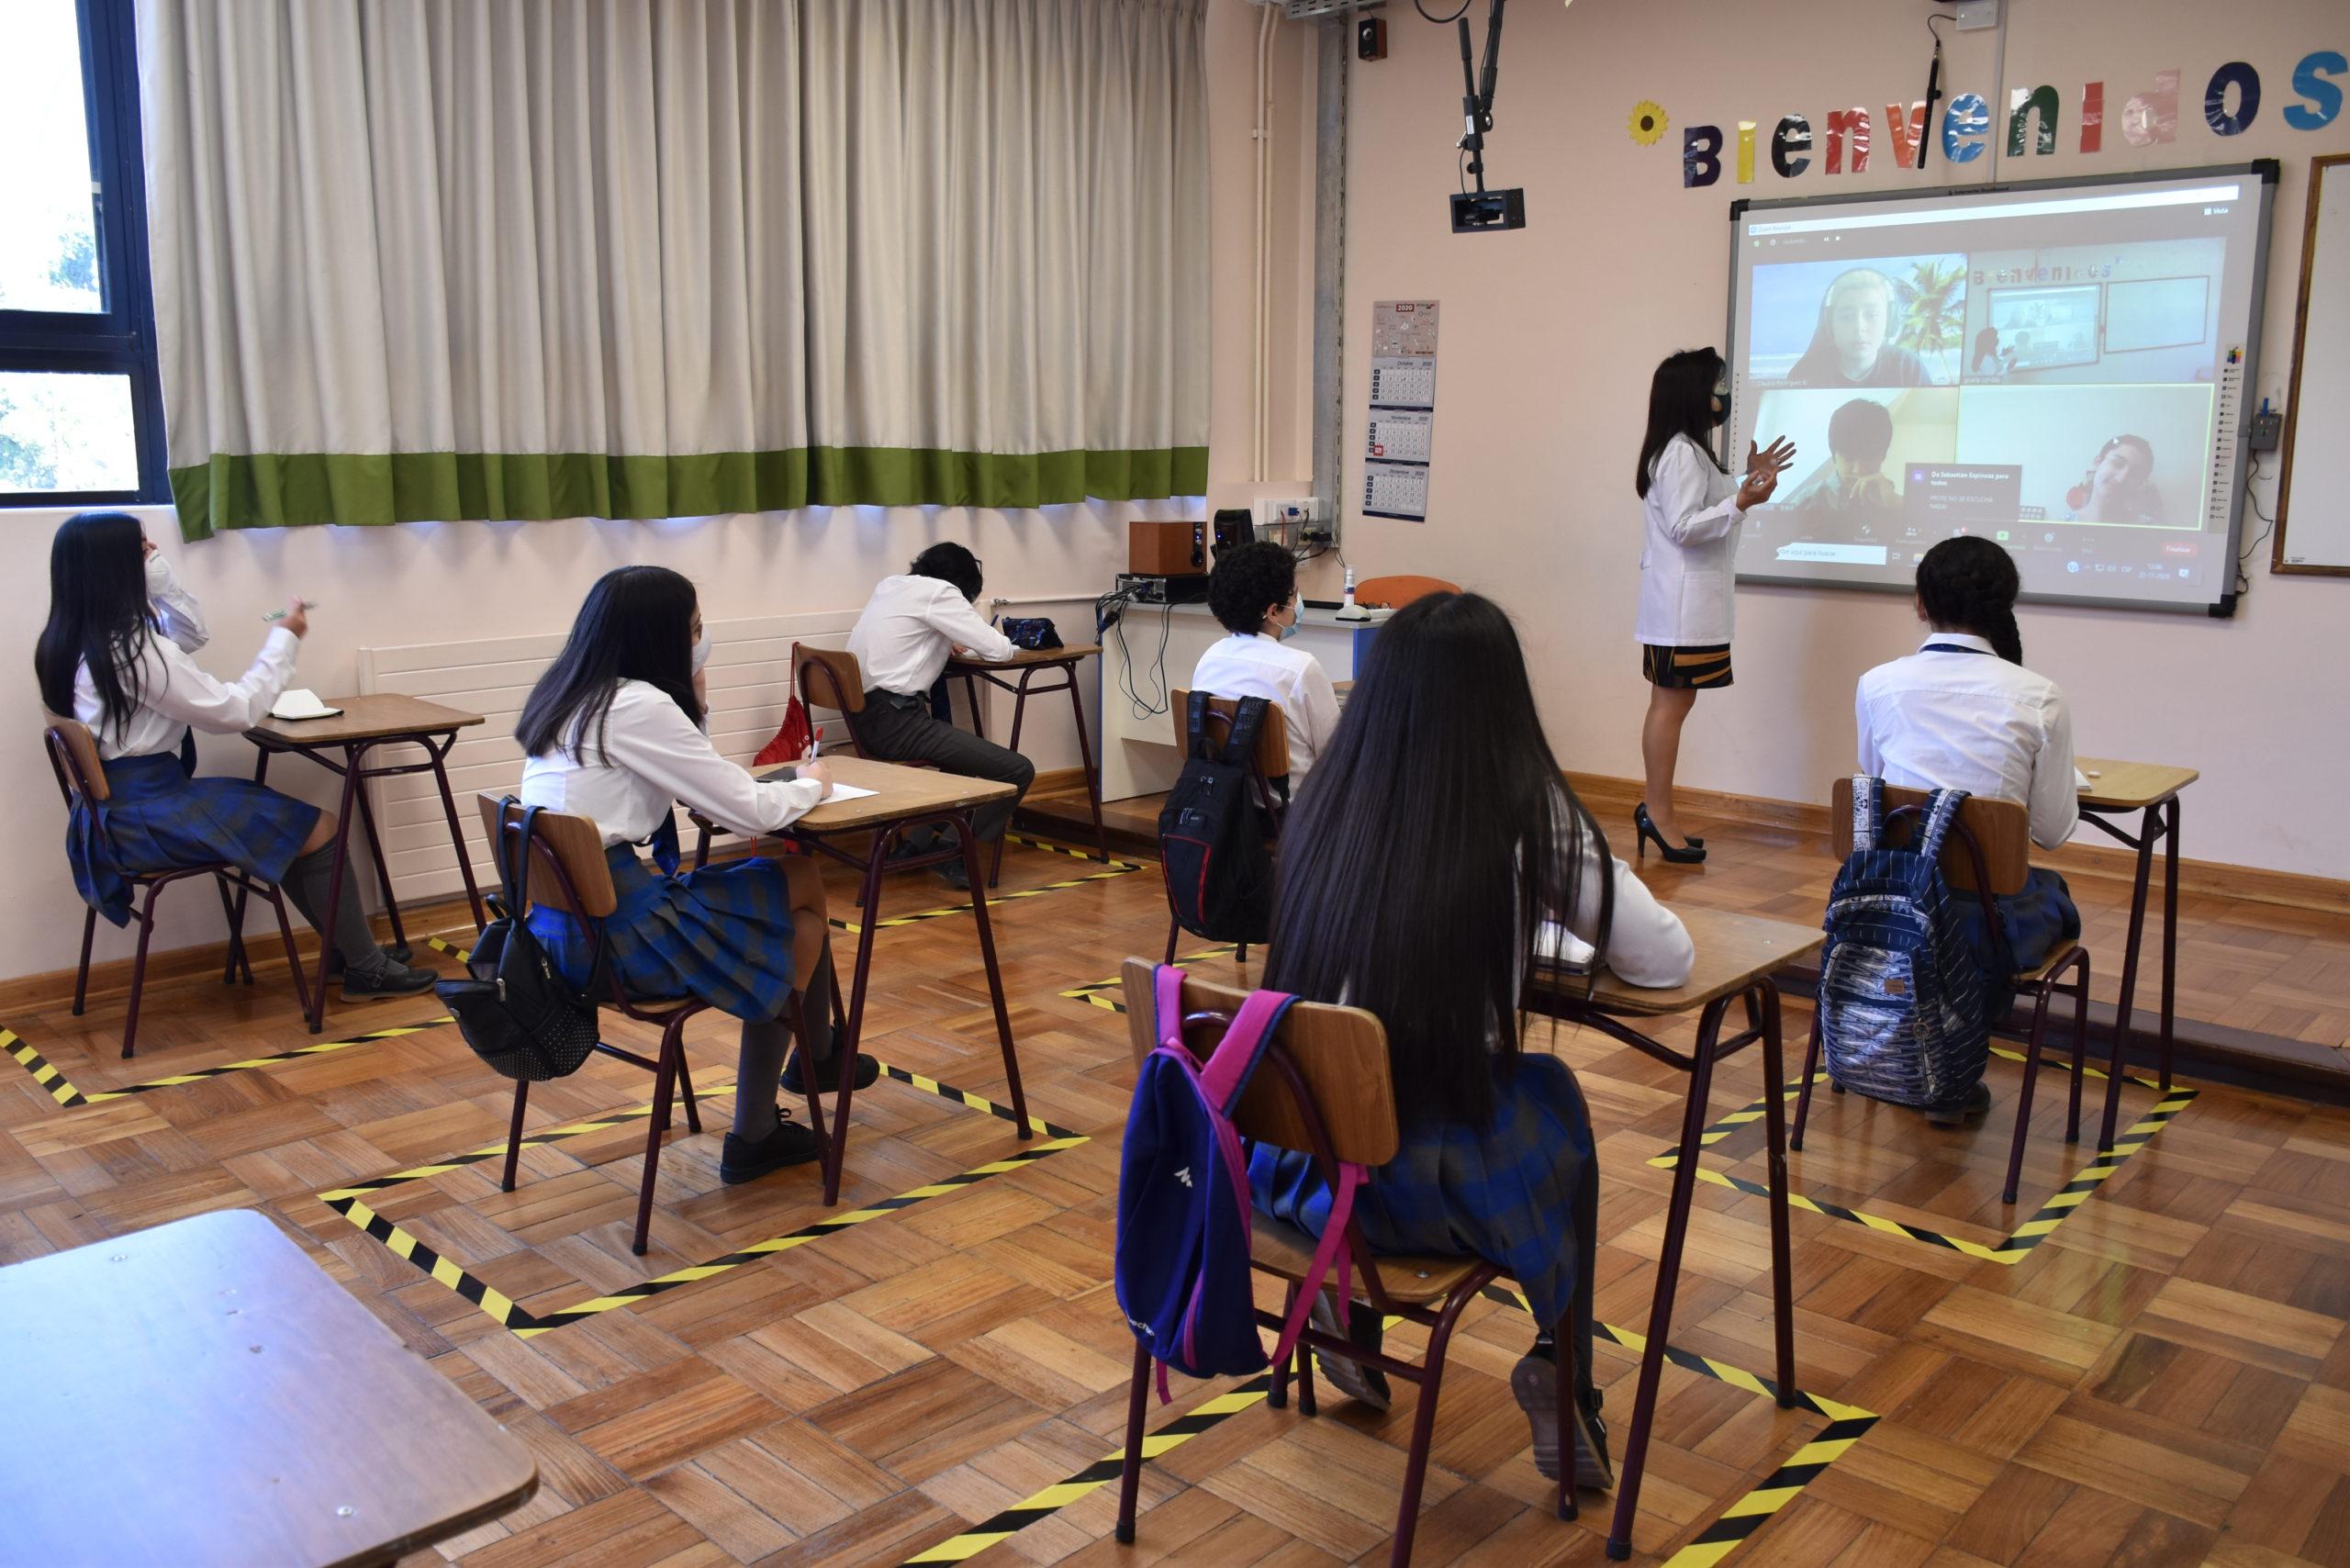 Colegios Coemco en Concepción tendrán clases híbridas en 2021: serán presenciales y a distancia | Nacional | BioBioChile